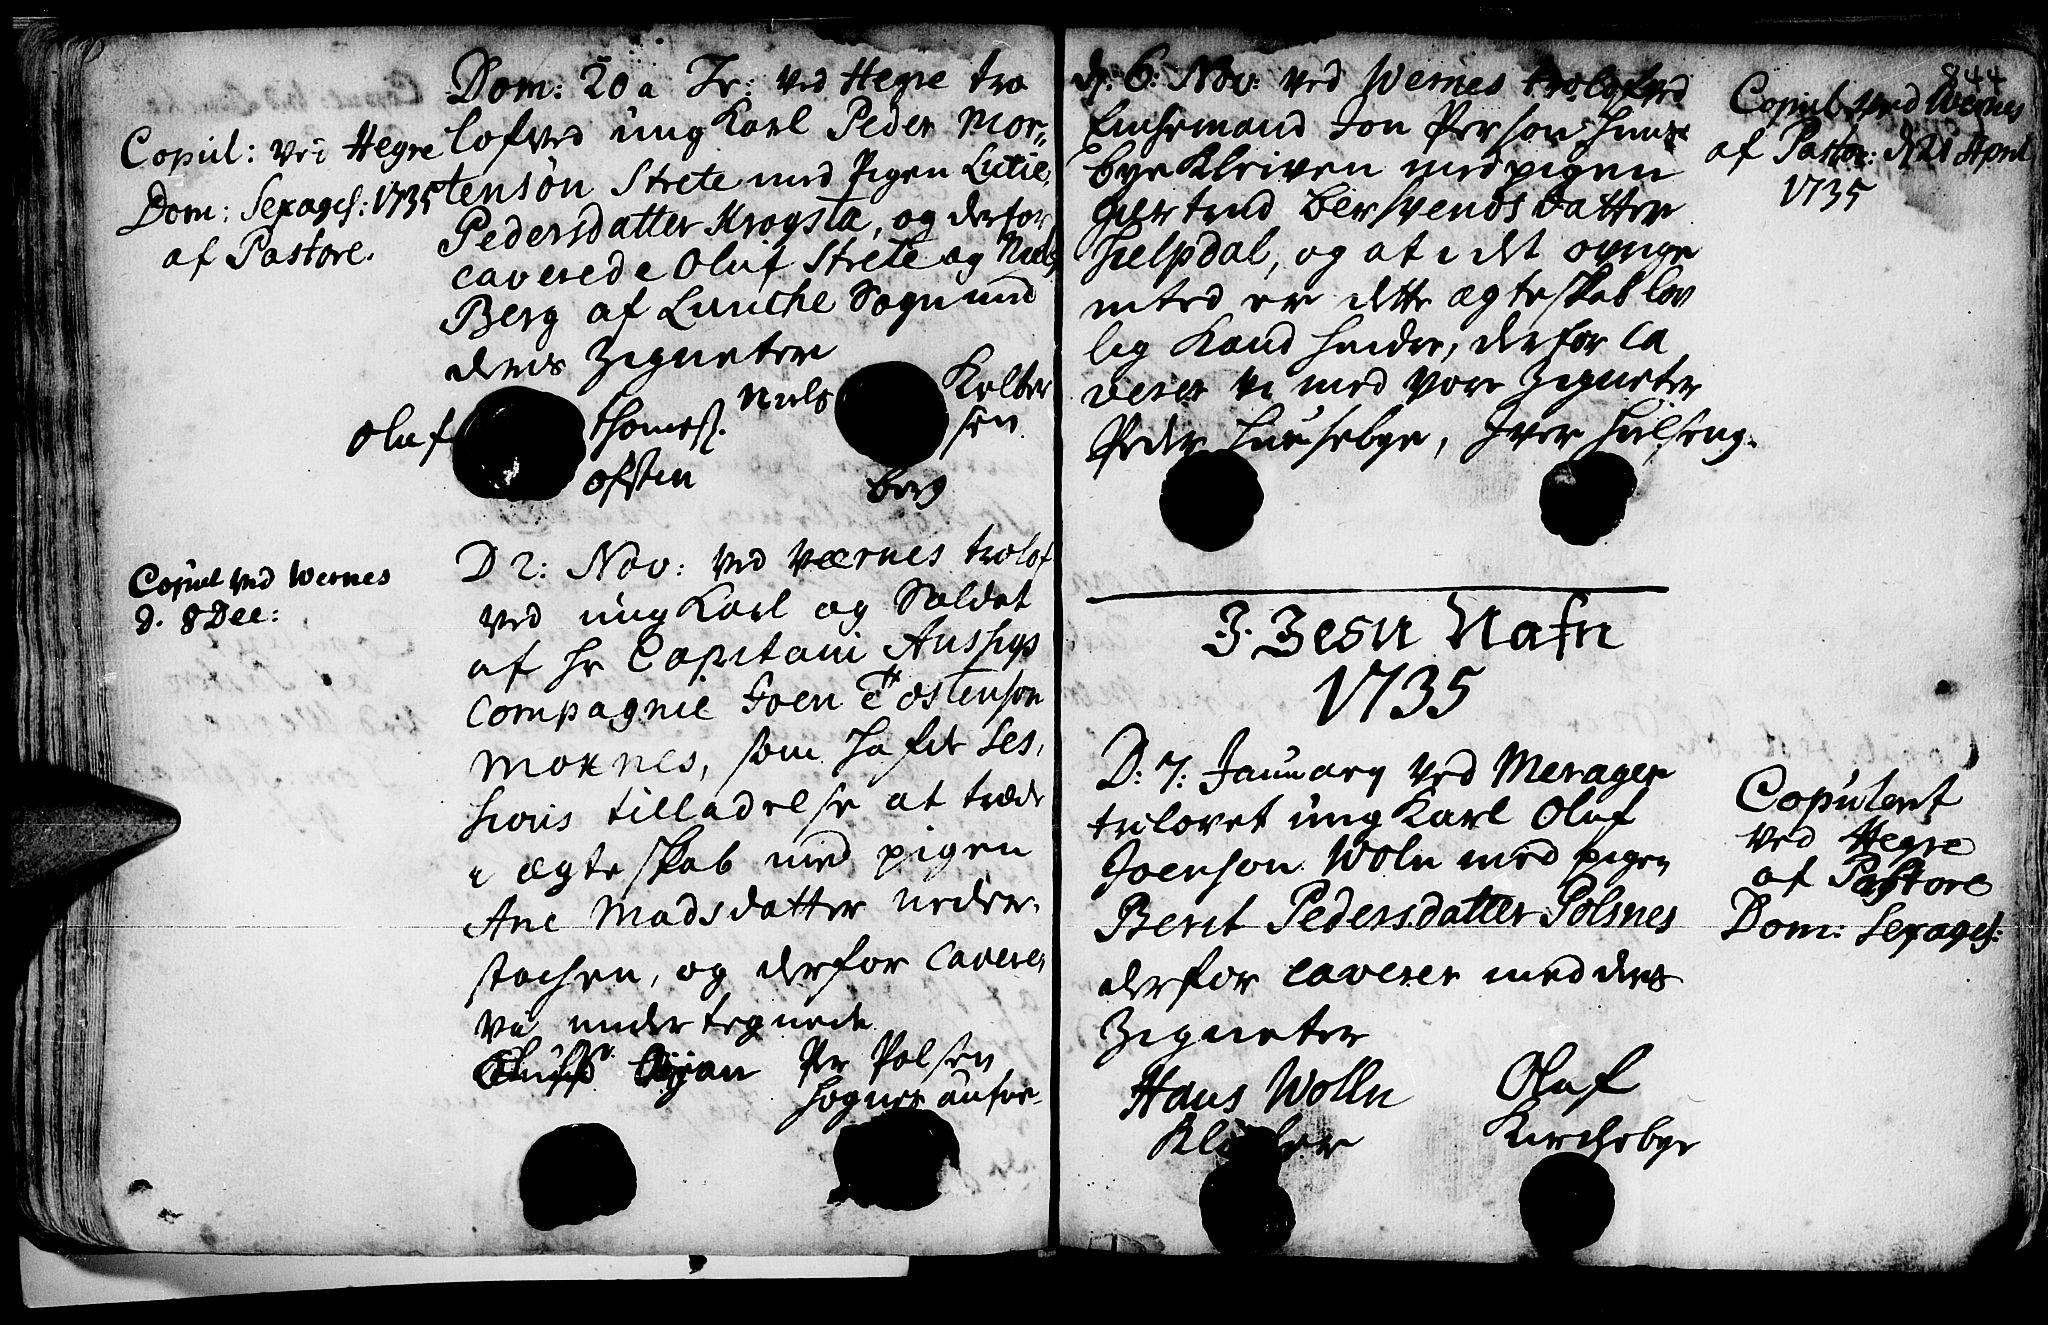 SAT, Ministerialprotokoller, klokkerbøker og fødselsregistre - Nord-Trøndelag, 709/L0055: Ministerialbok nr. 709A03, 1730-1739, s. 843-844